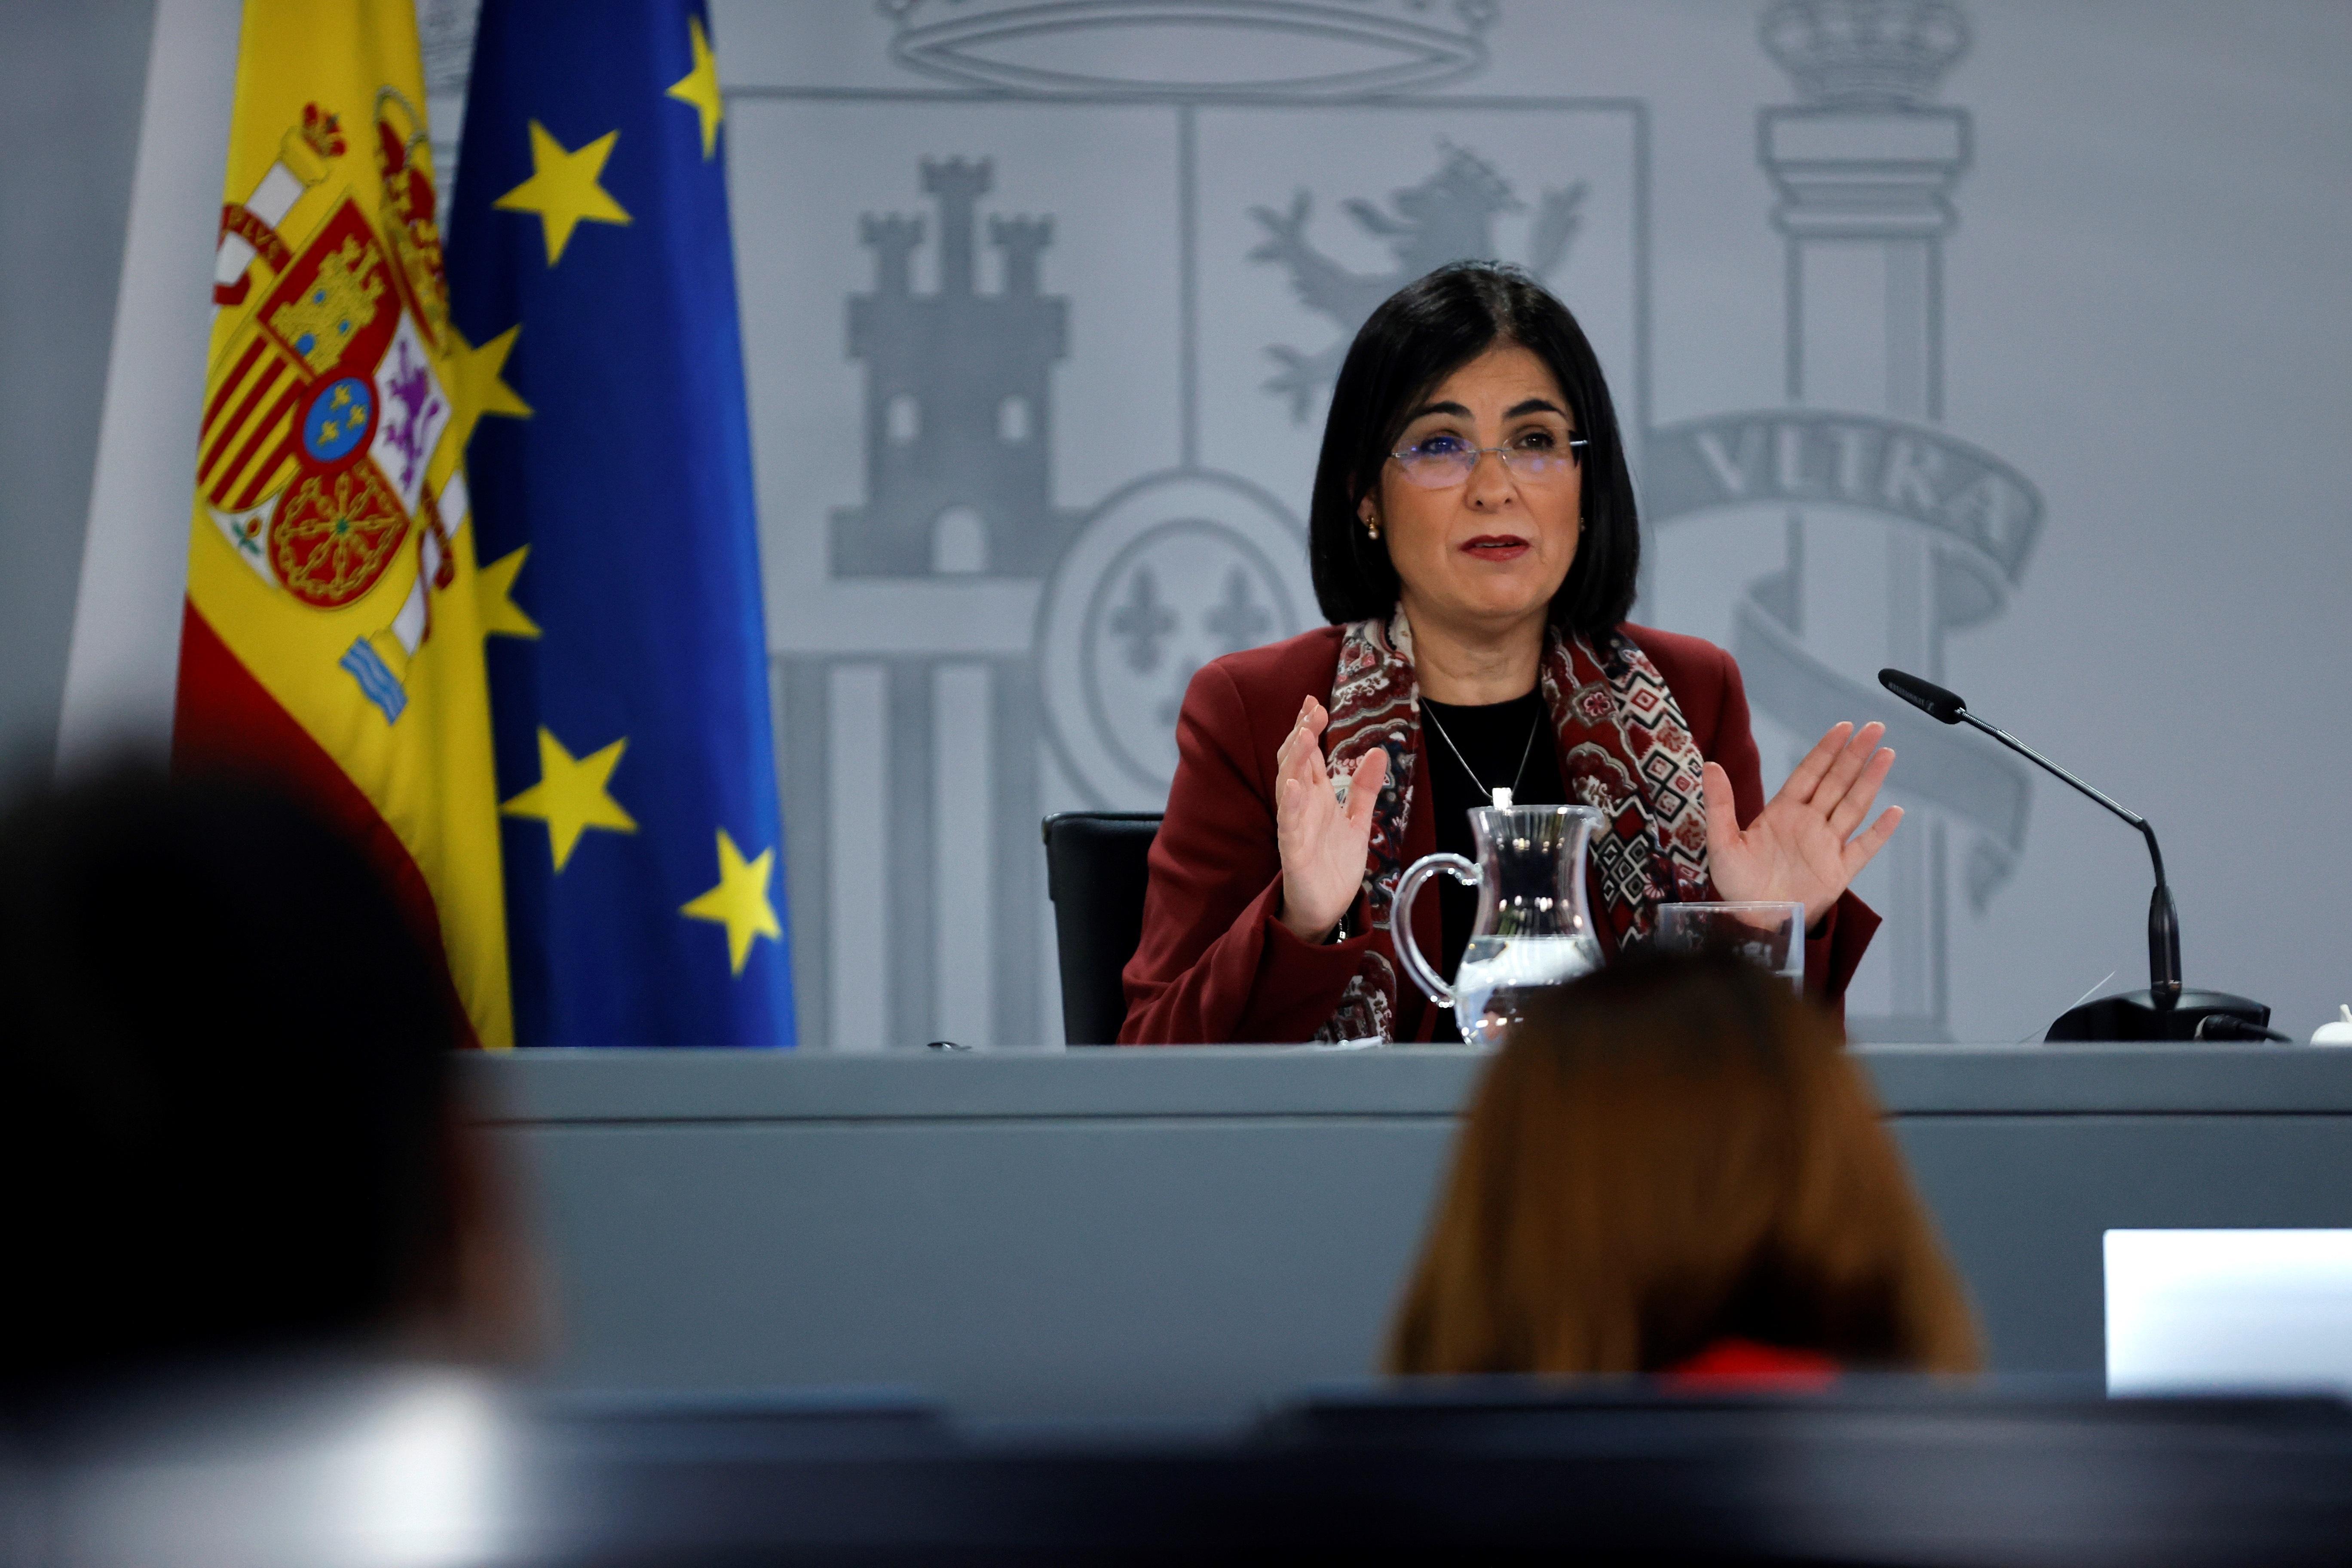 GRAF7789. MADRID, 03/03/2021.- La ministra de Sanidad, Carolina Darías, durante la rueda de prensa ofrecida este miércoles en Madrid tras su asistencia al Consejo Interterritorial de Salud. EFE/Zipi